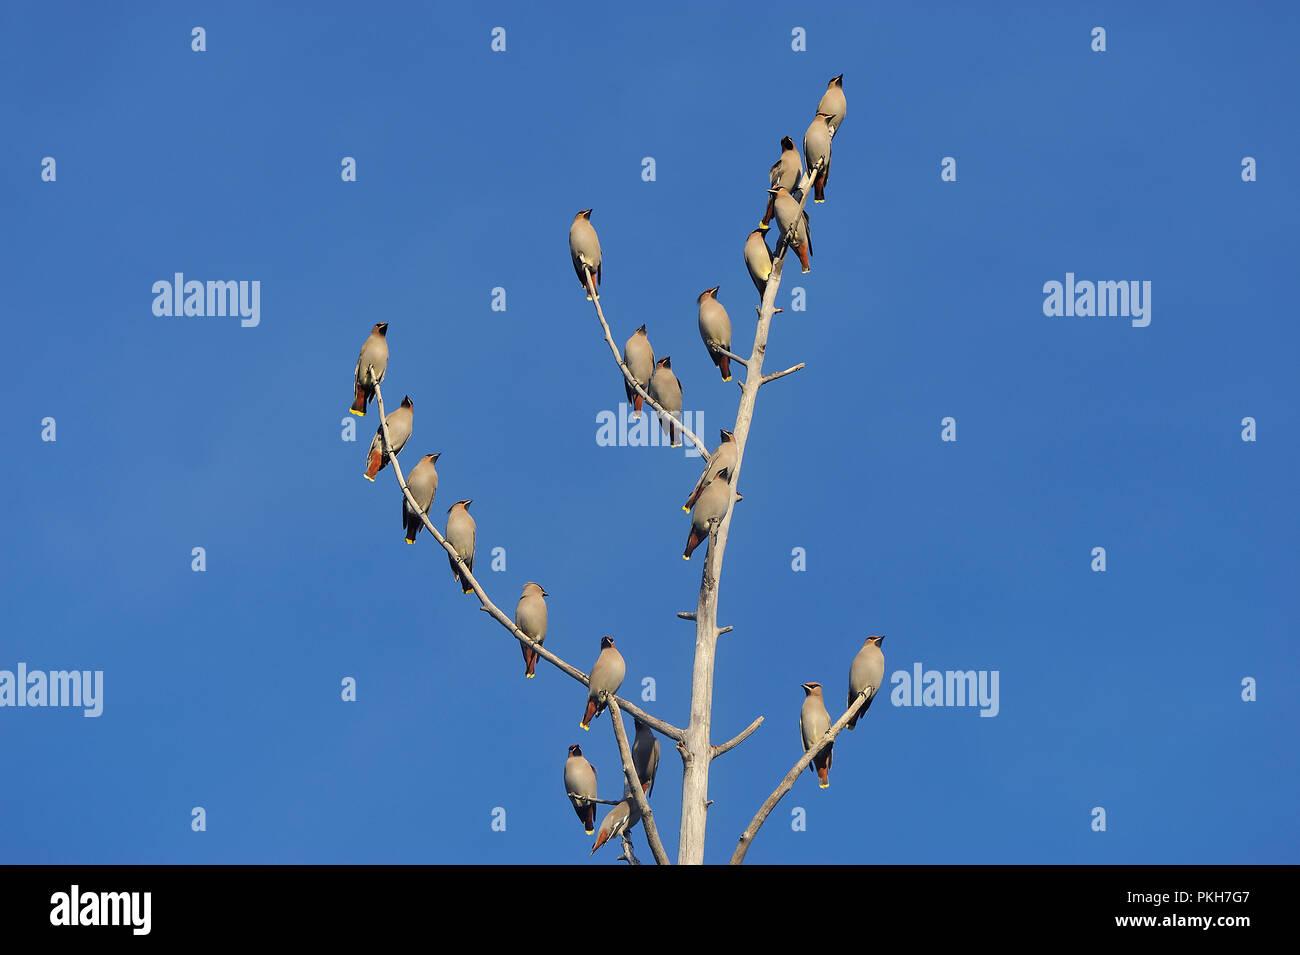 Un gregge di cedro uccelli waxwing appollaiato in un albero morto contro un cielo blu sullo sfondo nelle zone rurali di Alberta in Canada. Immagini Stock